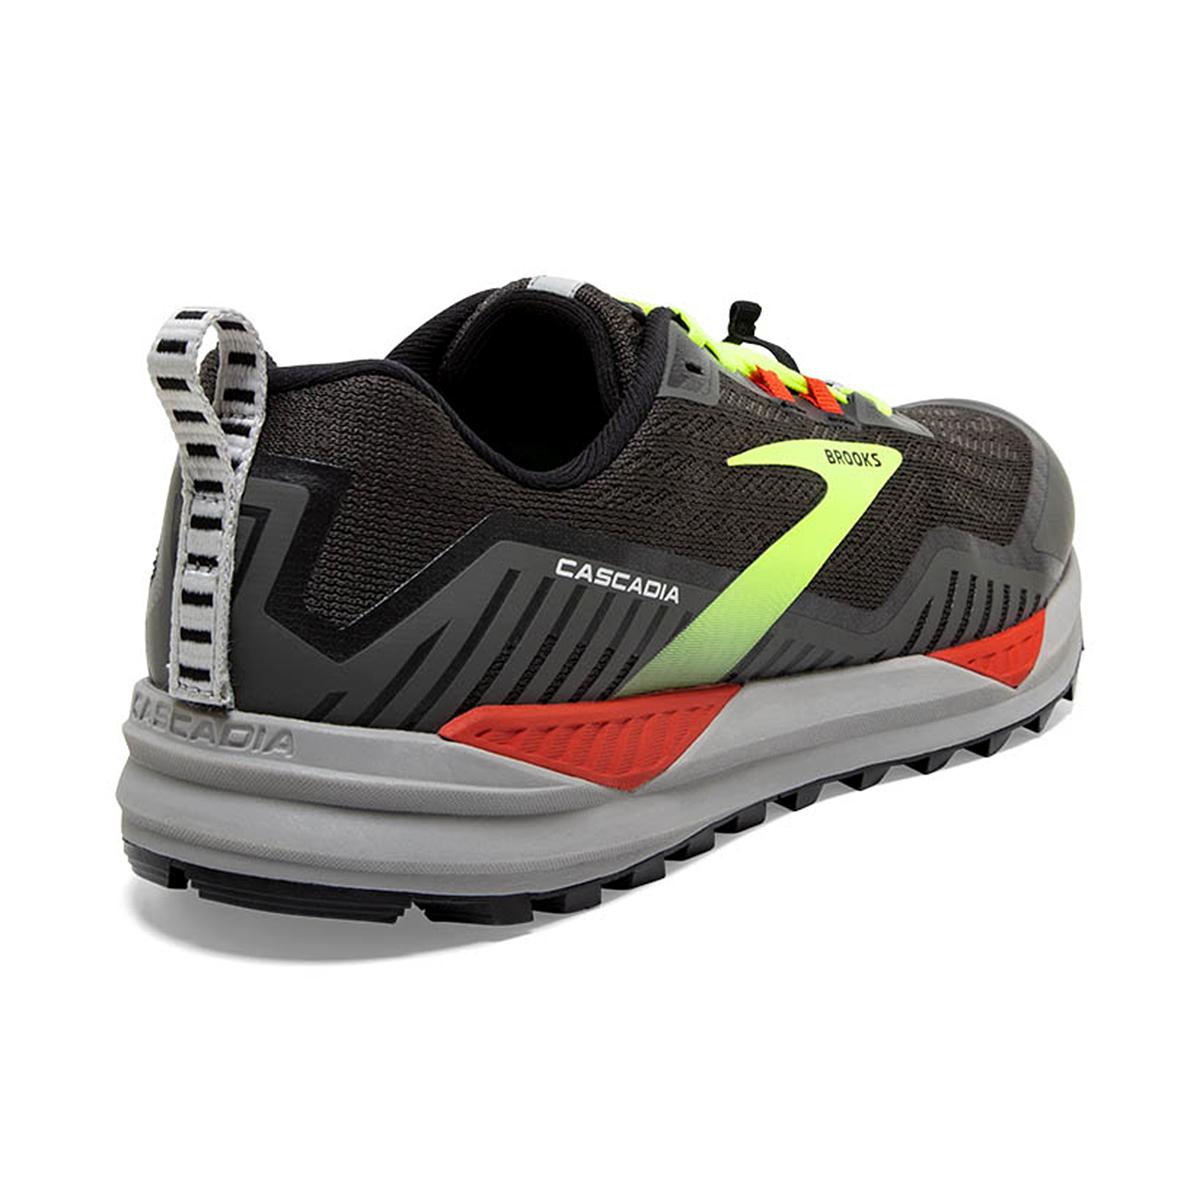 Men's Brooks Cascadia 15 Trail Running Shoe - Color: Black/Raven - Size: 8.5 - Width: Regular, Black/Raven, large, image 4